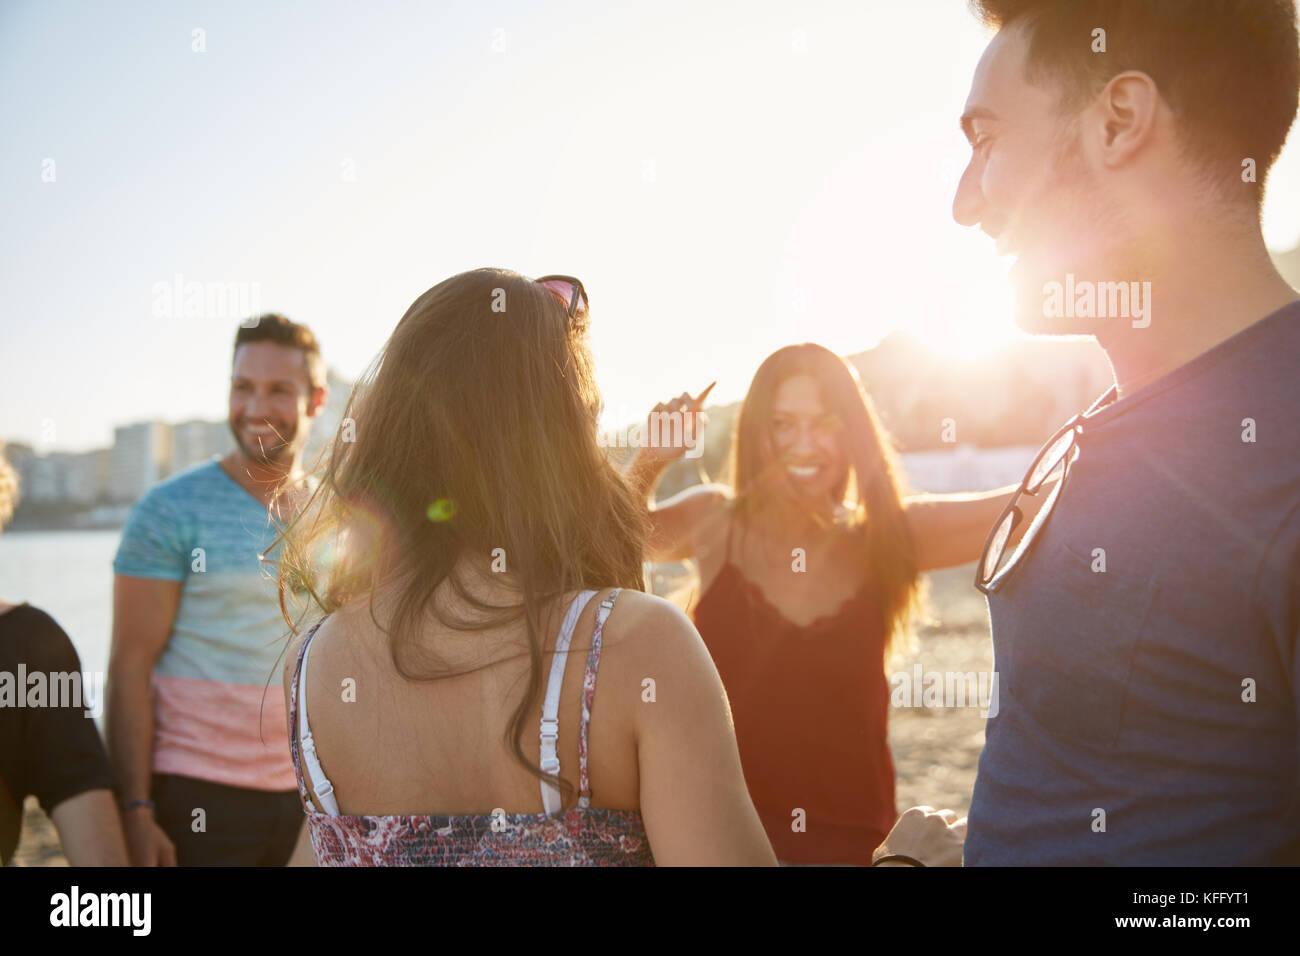 Ritratto di felice gruppo di amici ballare sulla spiaggia Immagini Stock